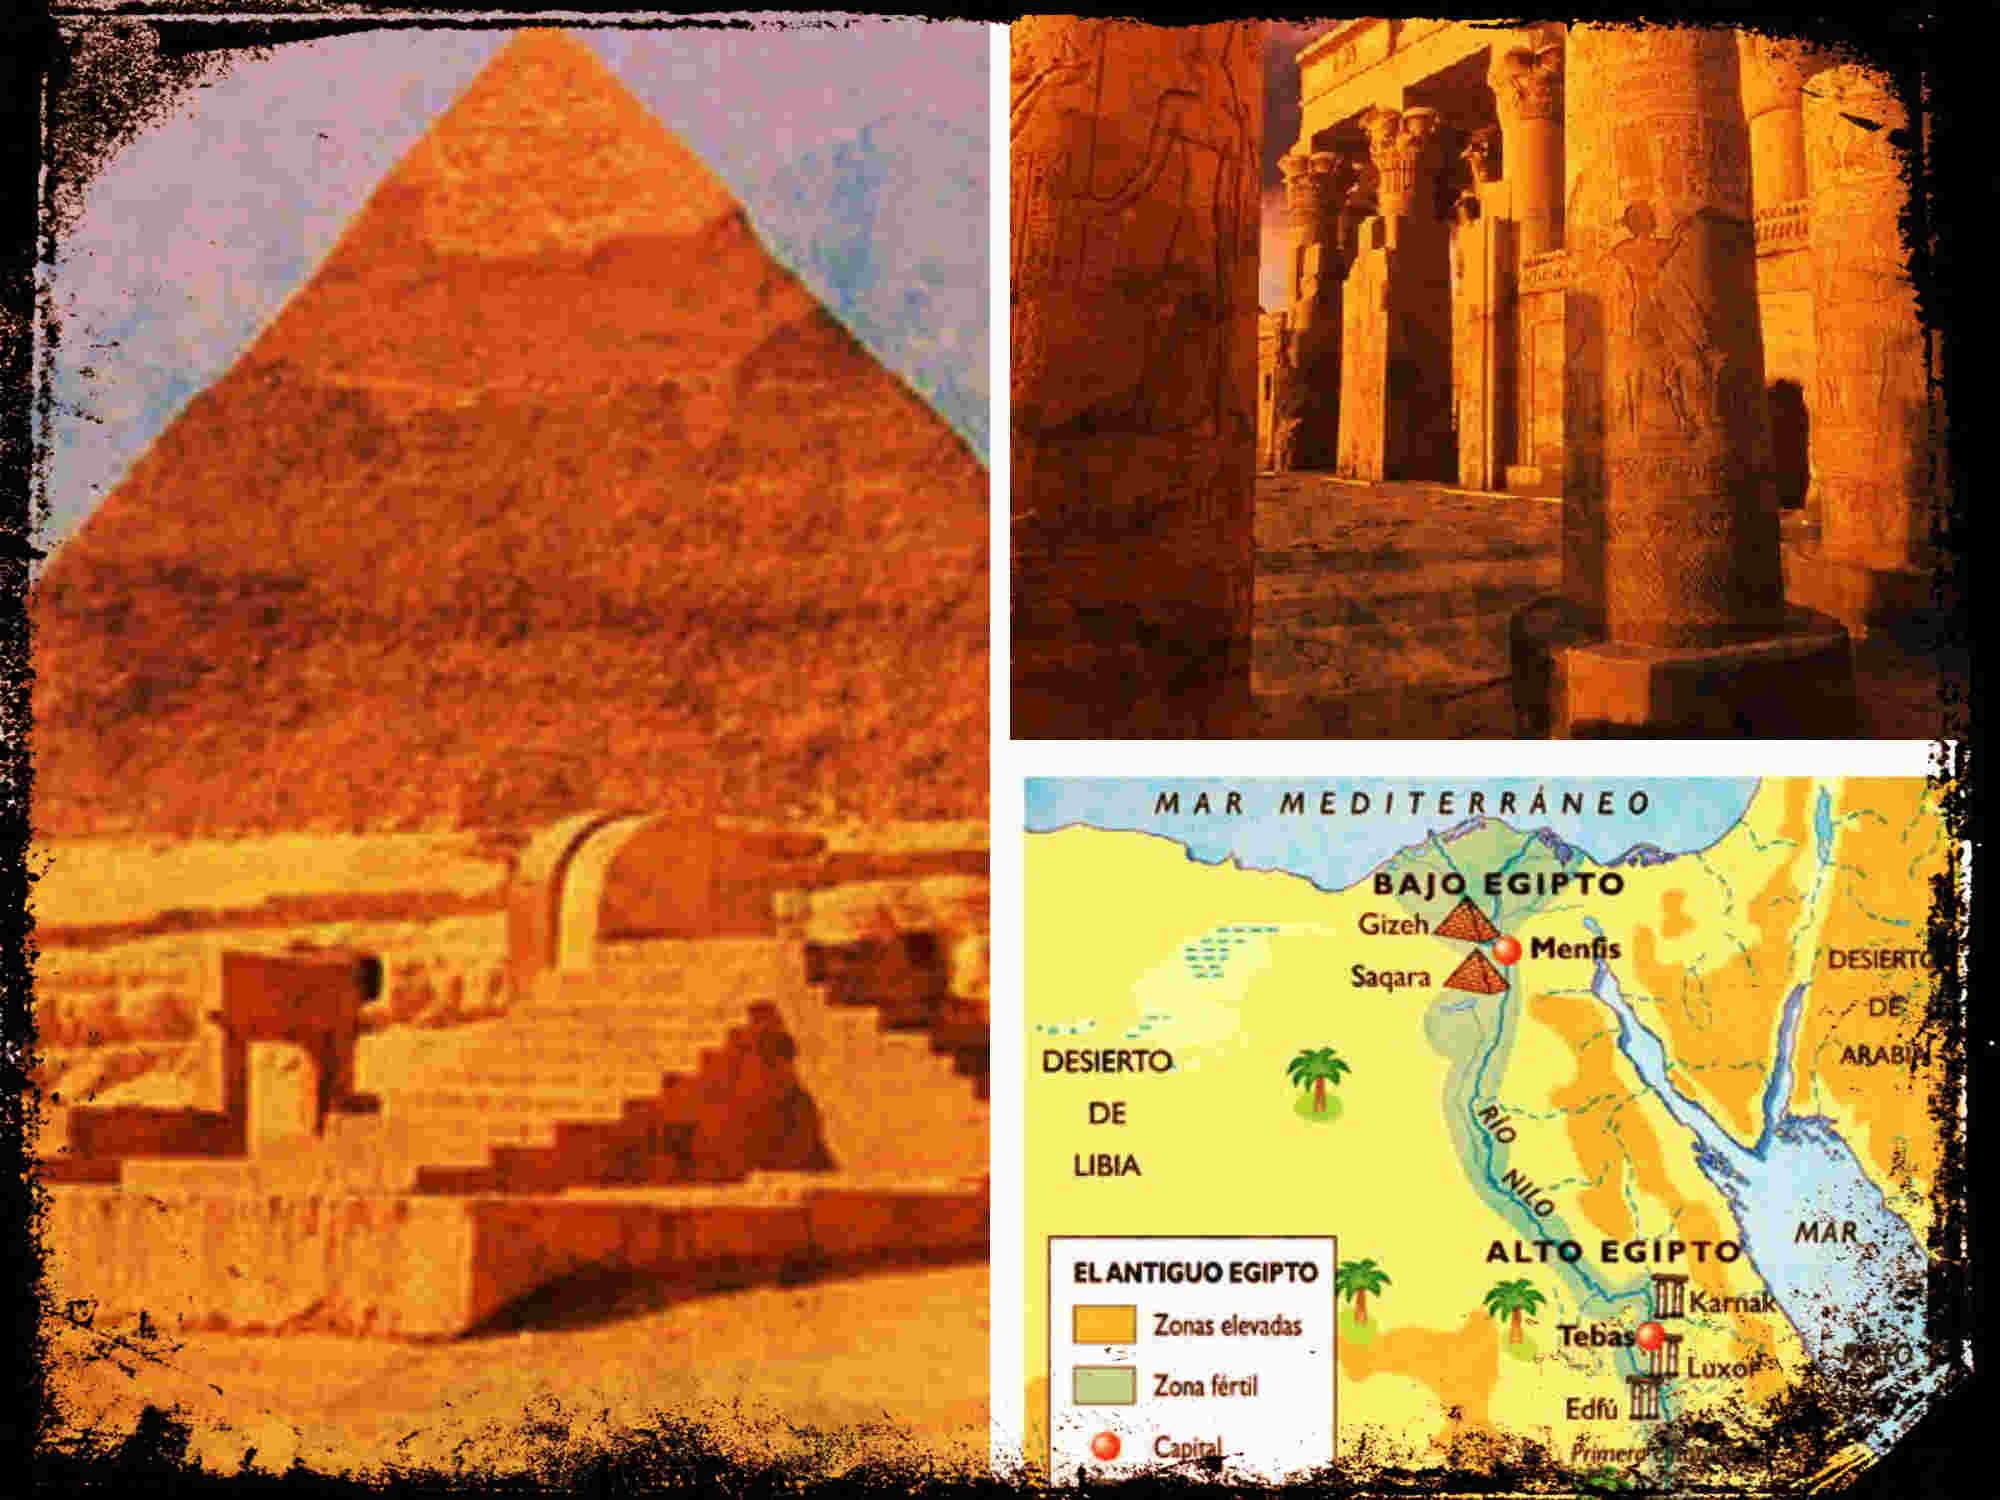 El origen de la civilización egipcia